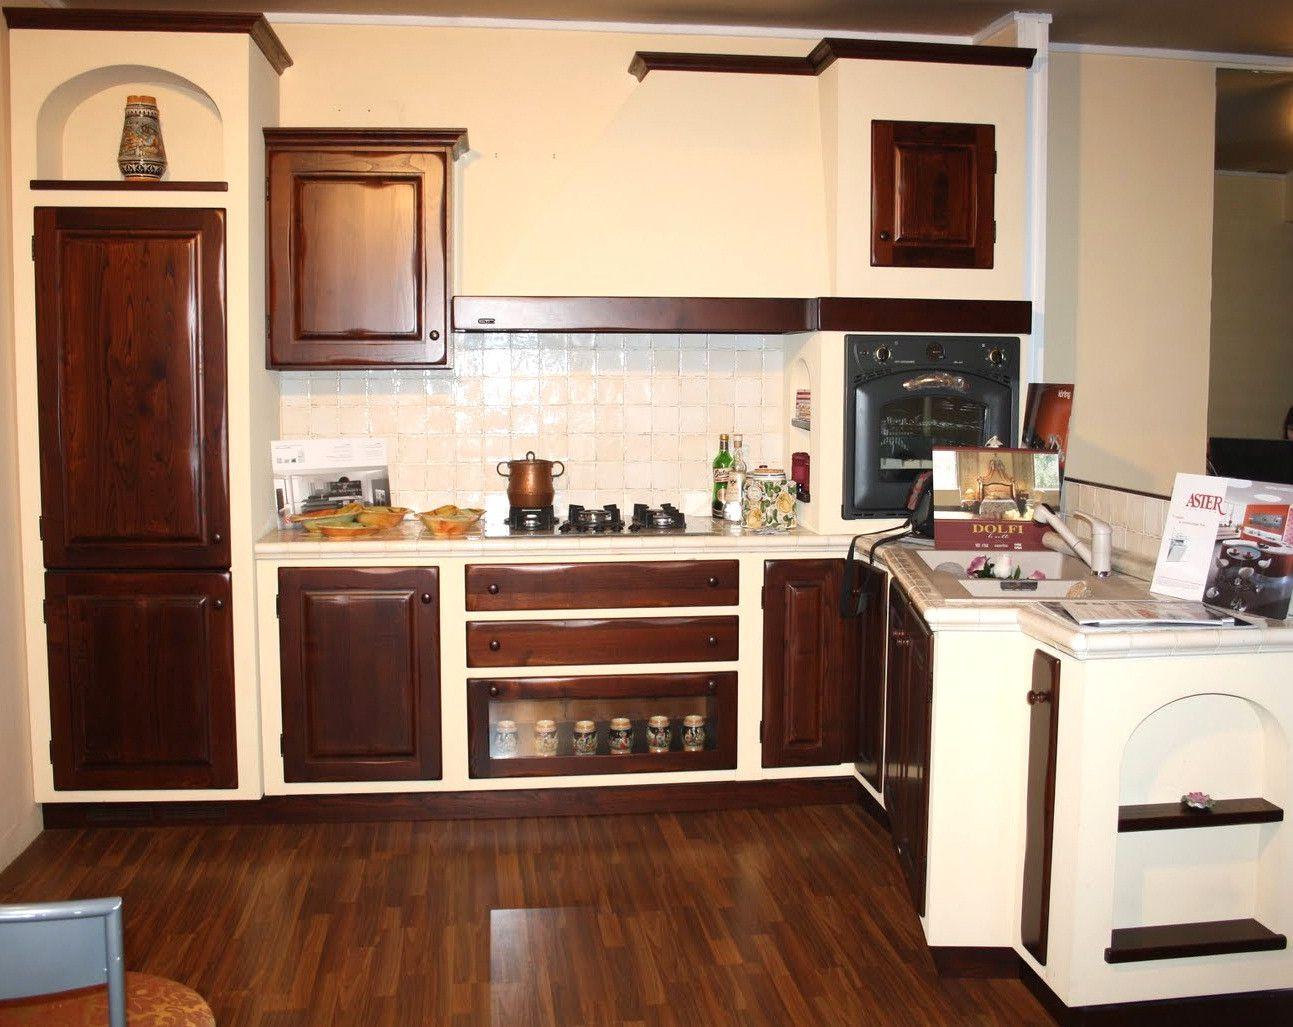 Gallery Of Mondo Convenienza Cucina Cucine Su Misura Mondo Cucine Cucina Arte Povera Muratura Ikea Finta Angolo Mondo Ad Conveni In 2020 Schrankgriffe Edelstahl